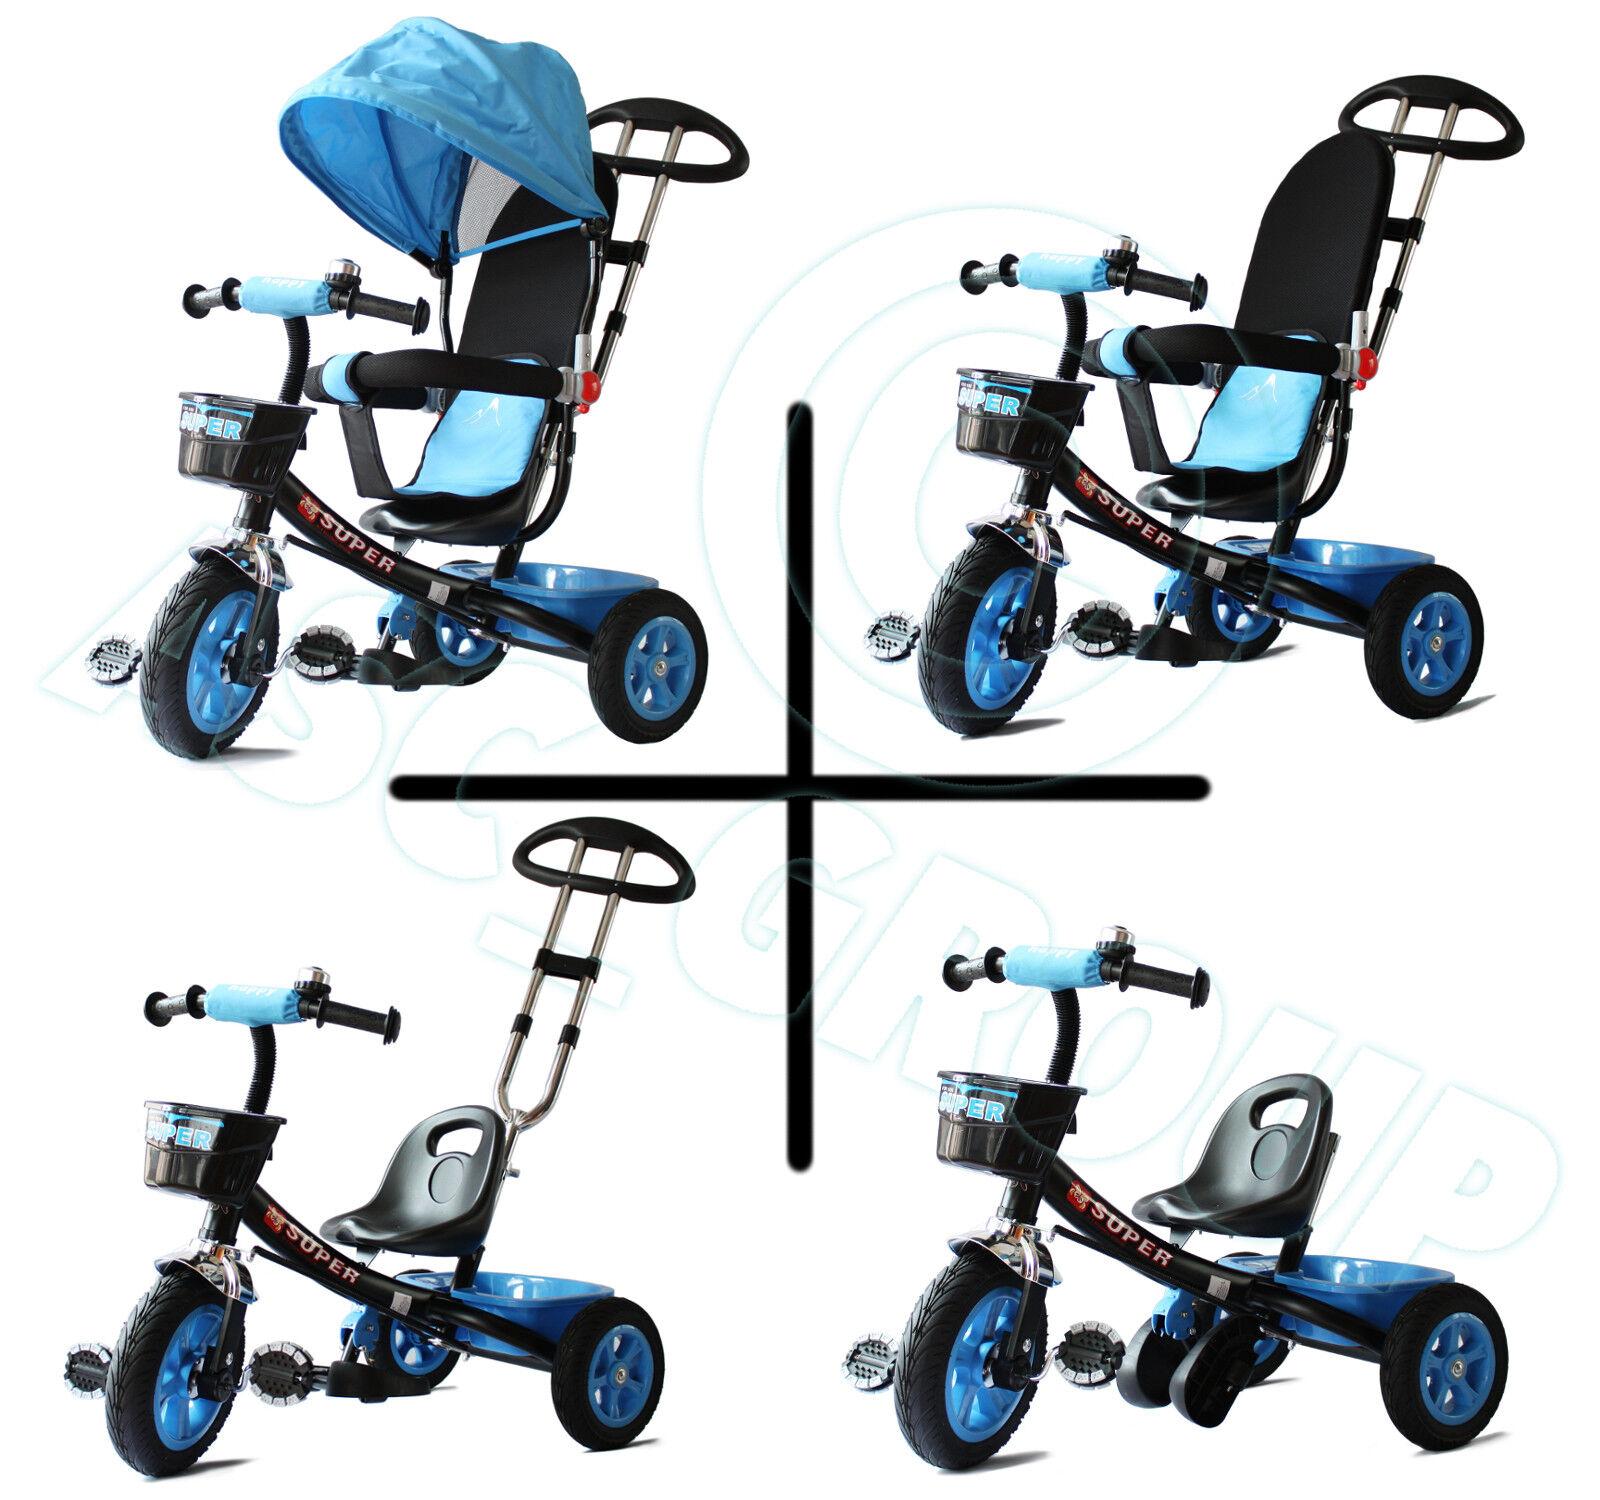 Kinder 4 in 1 Trike - Blau & Schwarz - Vorantreiben Pedale Dreirad Ce Konform